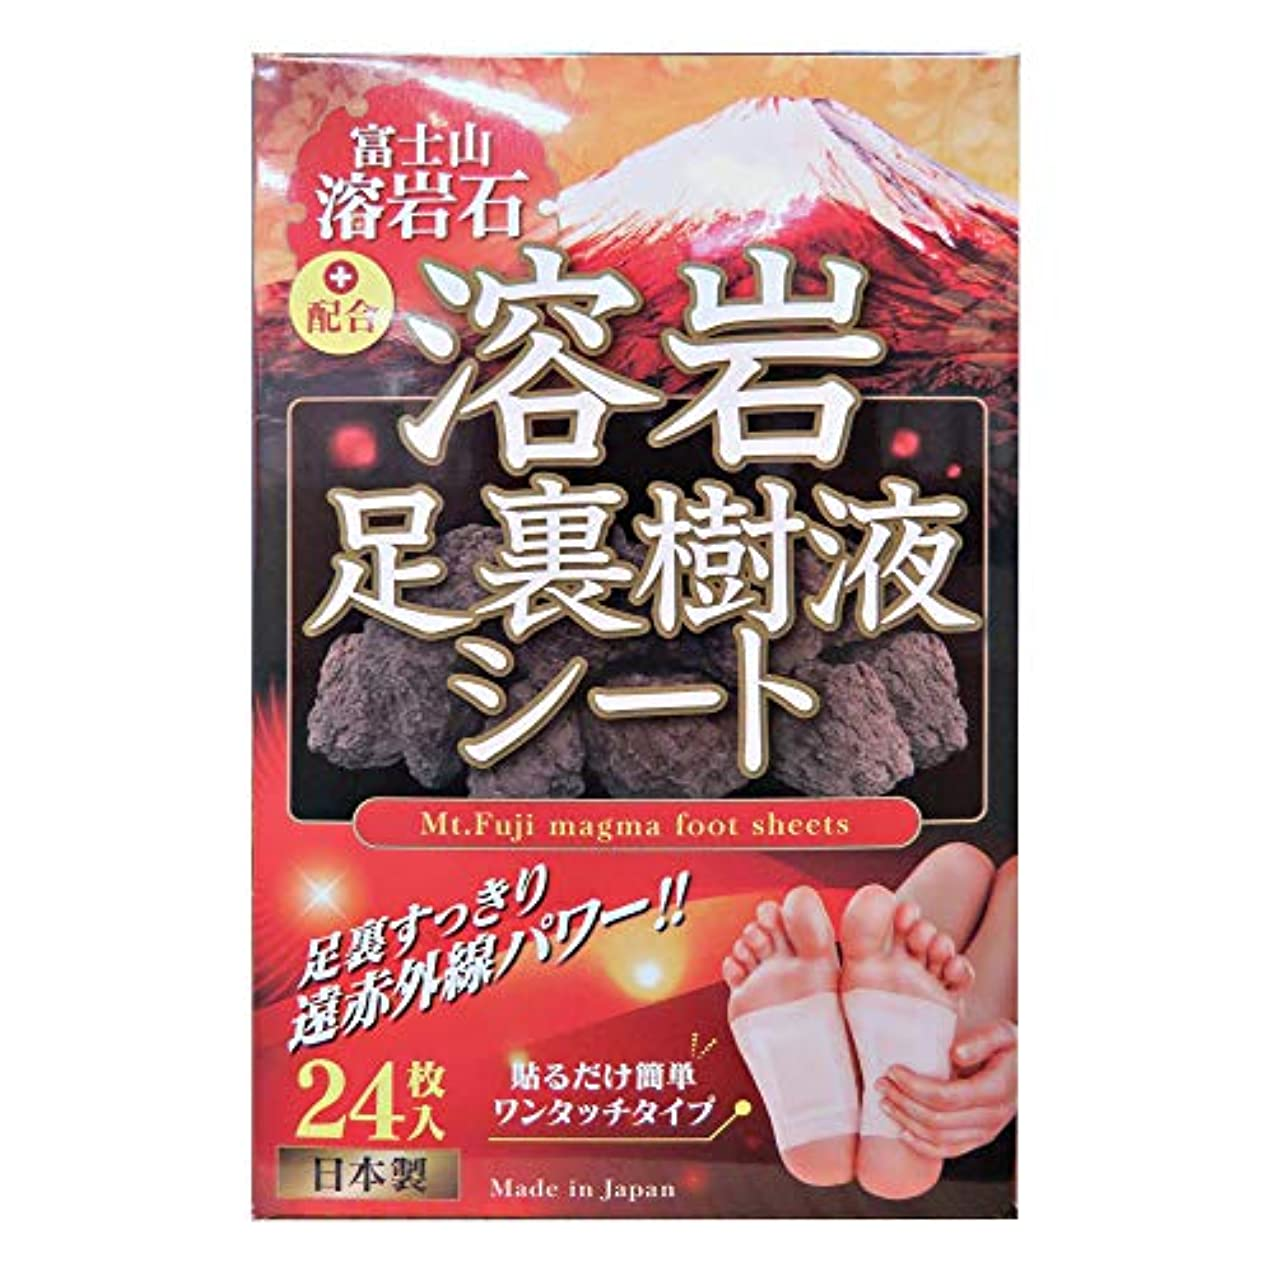 なのでみなさん知人富士山溶岩石配合 溶岩足裏樹液シート(24枚)